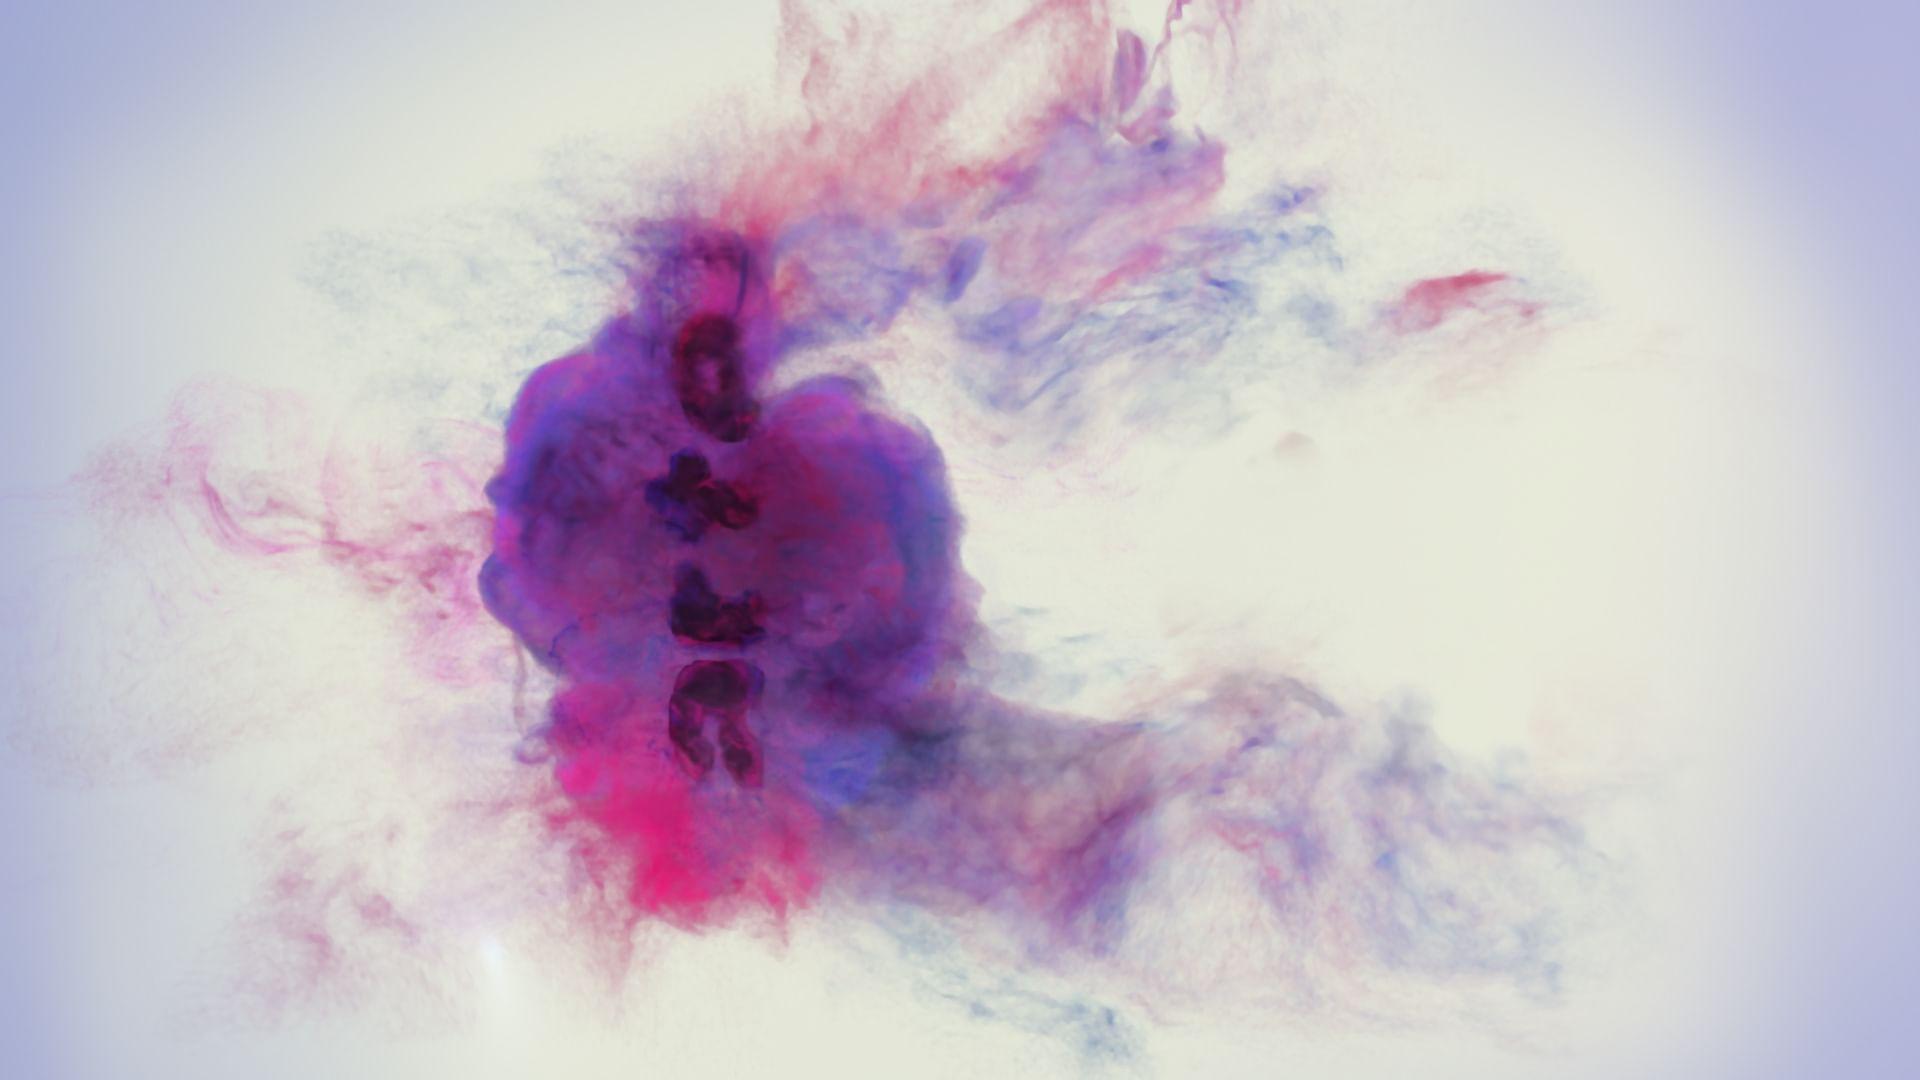 Im Rahmen der Ausstellung Jamaica Jamaica! veranstaltet die Pariser Philharmonie eine Konzertreihe rund um die vielfältige Musik Jamaikas. Bekannte Künstler und Newcomer aller Stilrichtungen – von Reggae über Jazz bis hin zu Soundsystems – bringen karibische Klänge in die französische Hauptstadt.